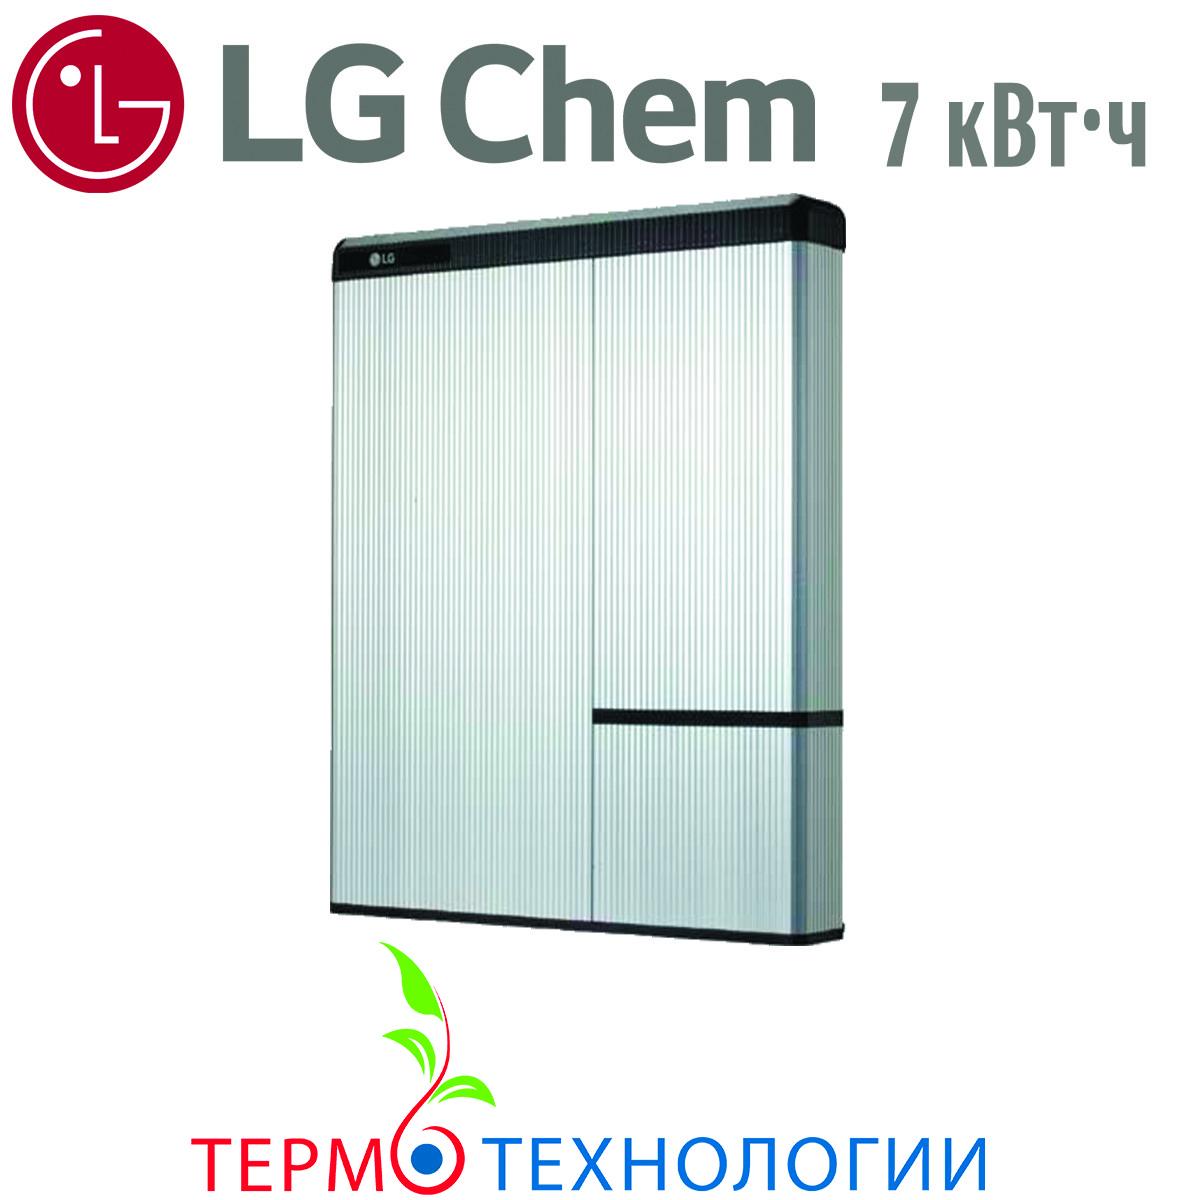 Литий-ионные аккумуляторы LG Chem RESU 7 кВт*ч, мощность 430-550В